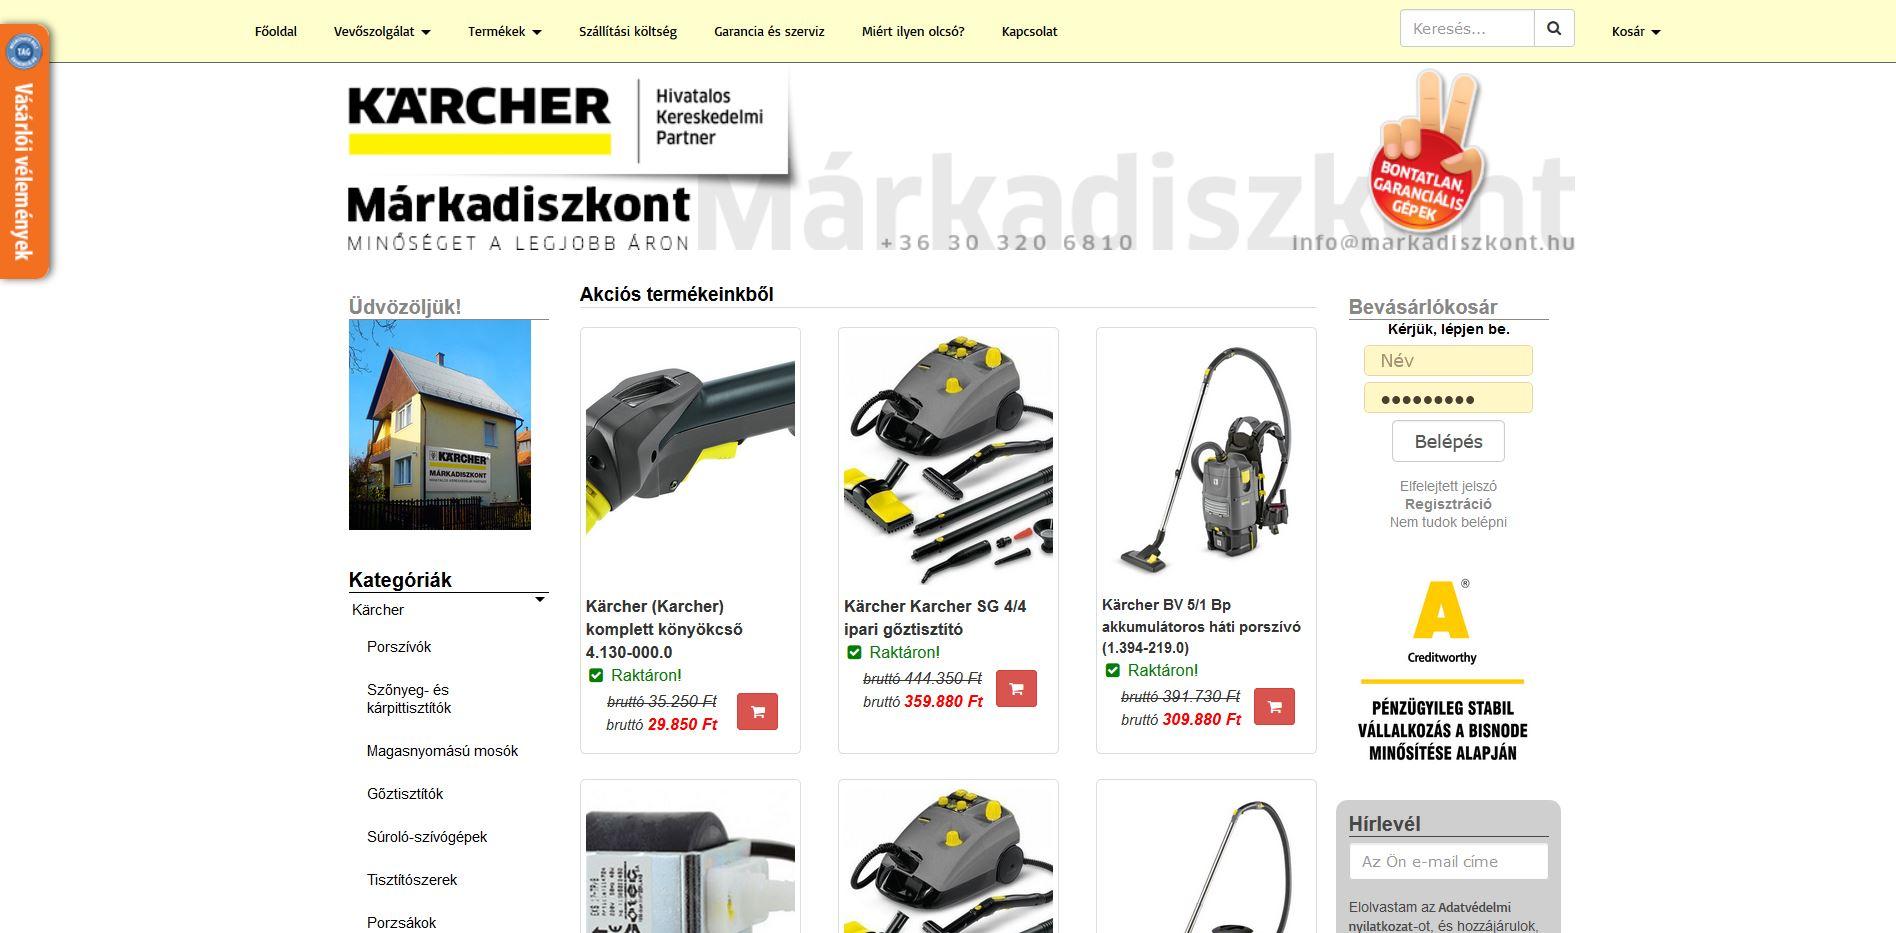 markadiszkont.hu webáruház